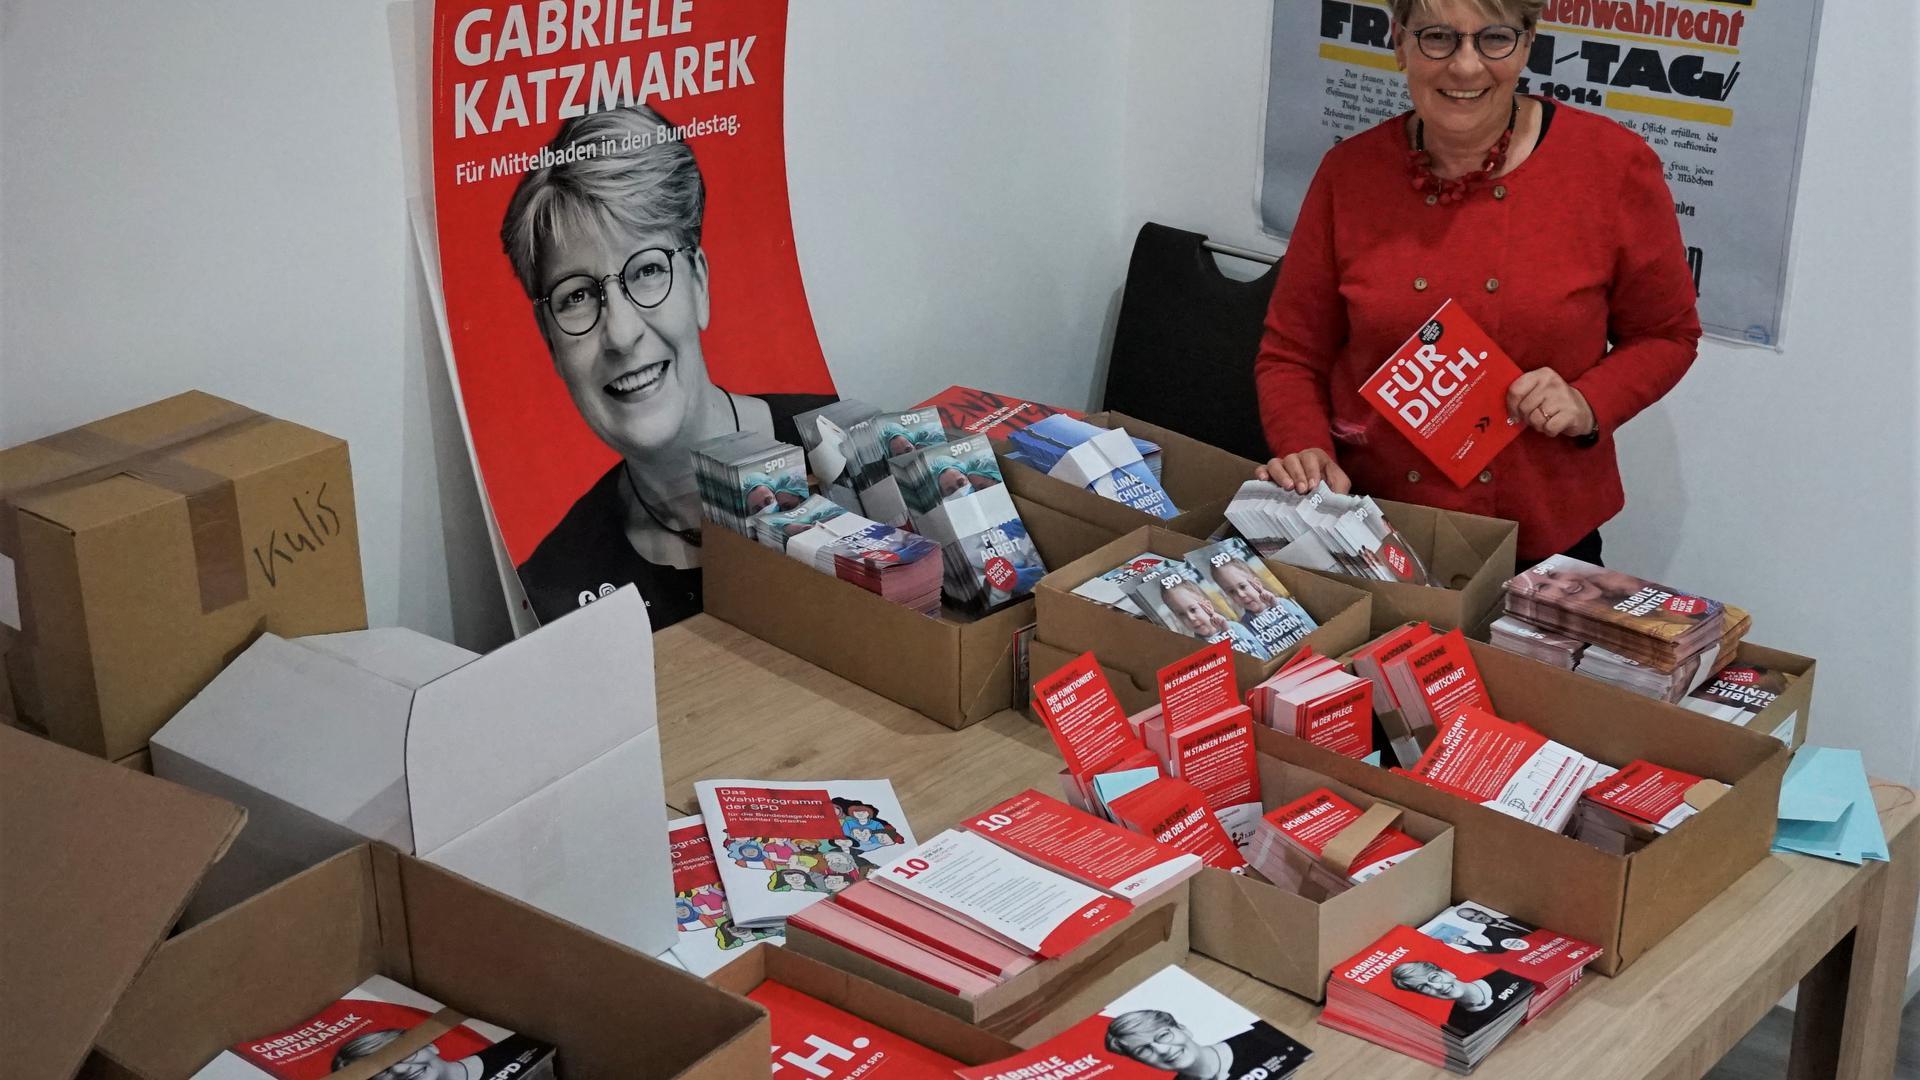 Gabriele Katzmarek in ihrem Büro.